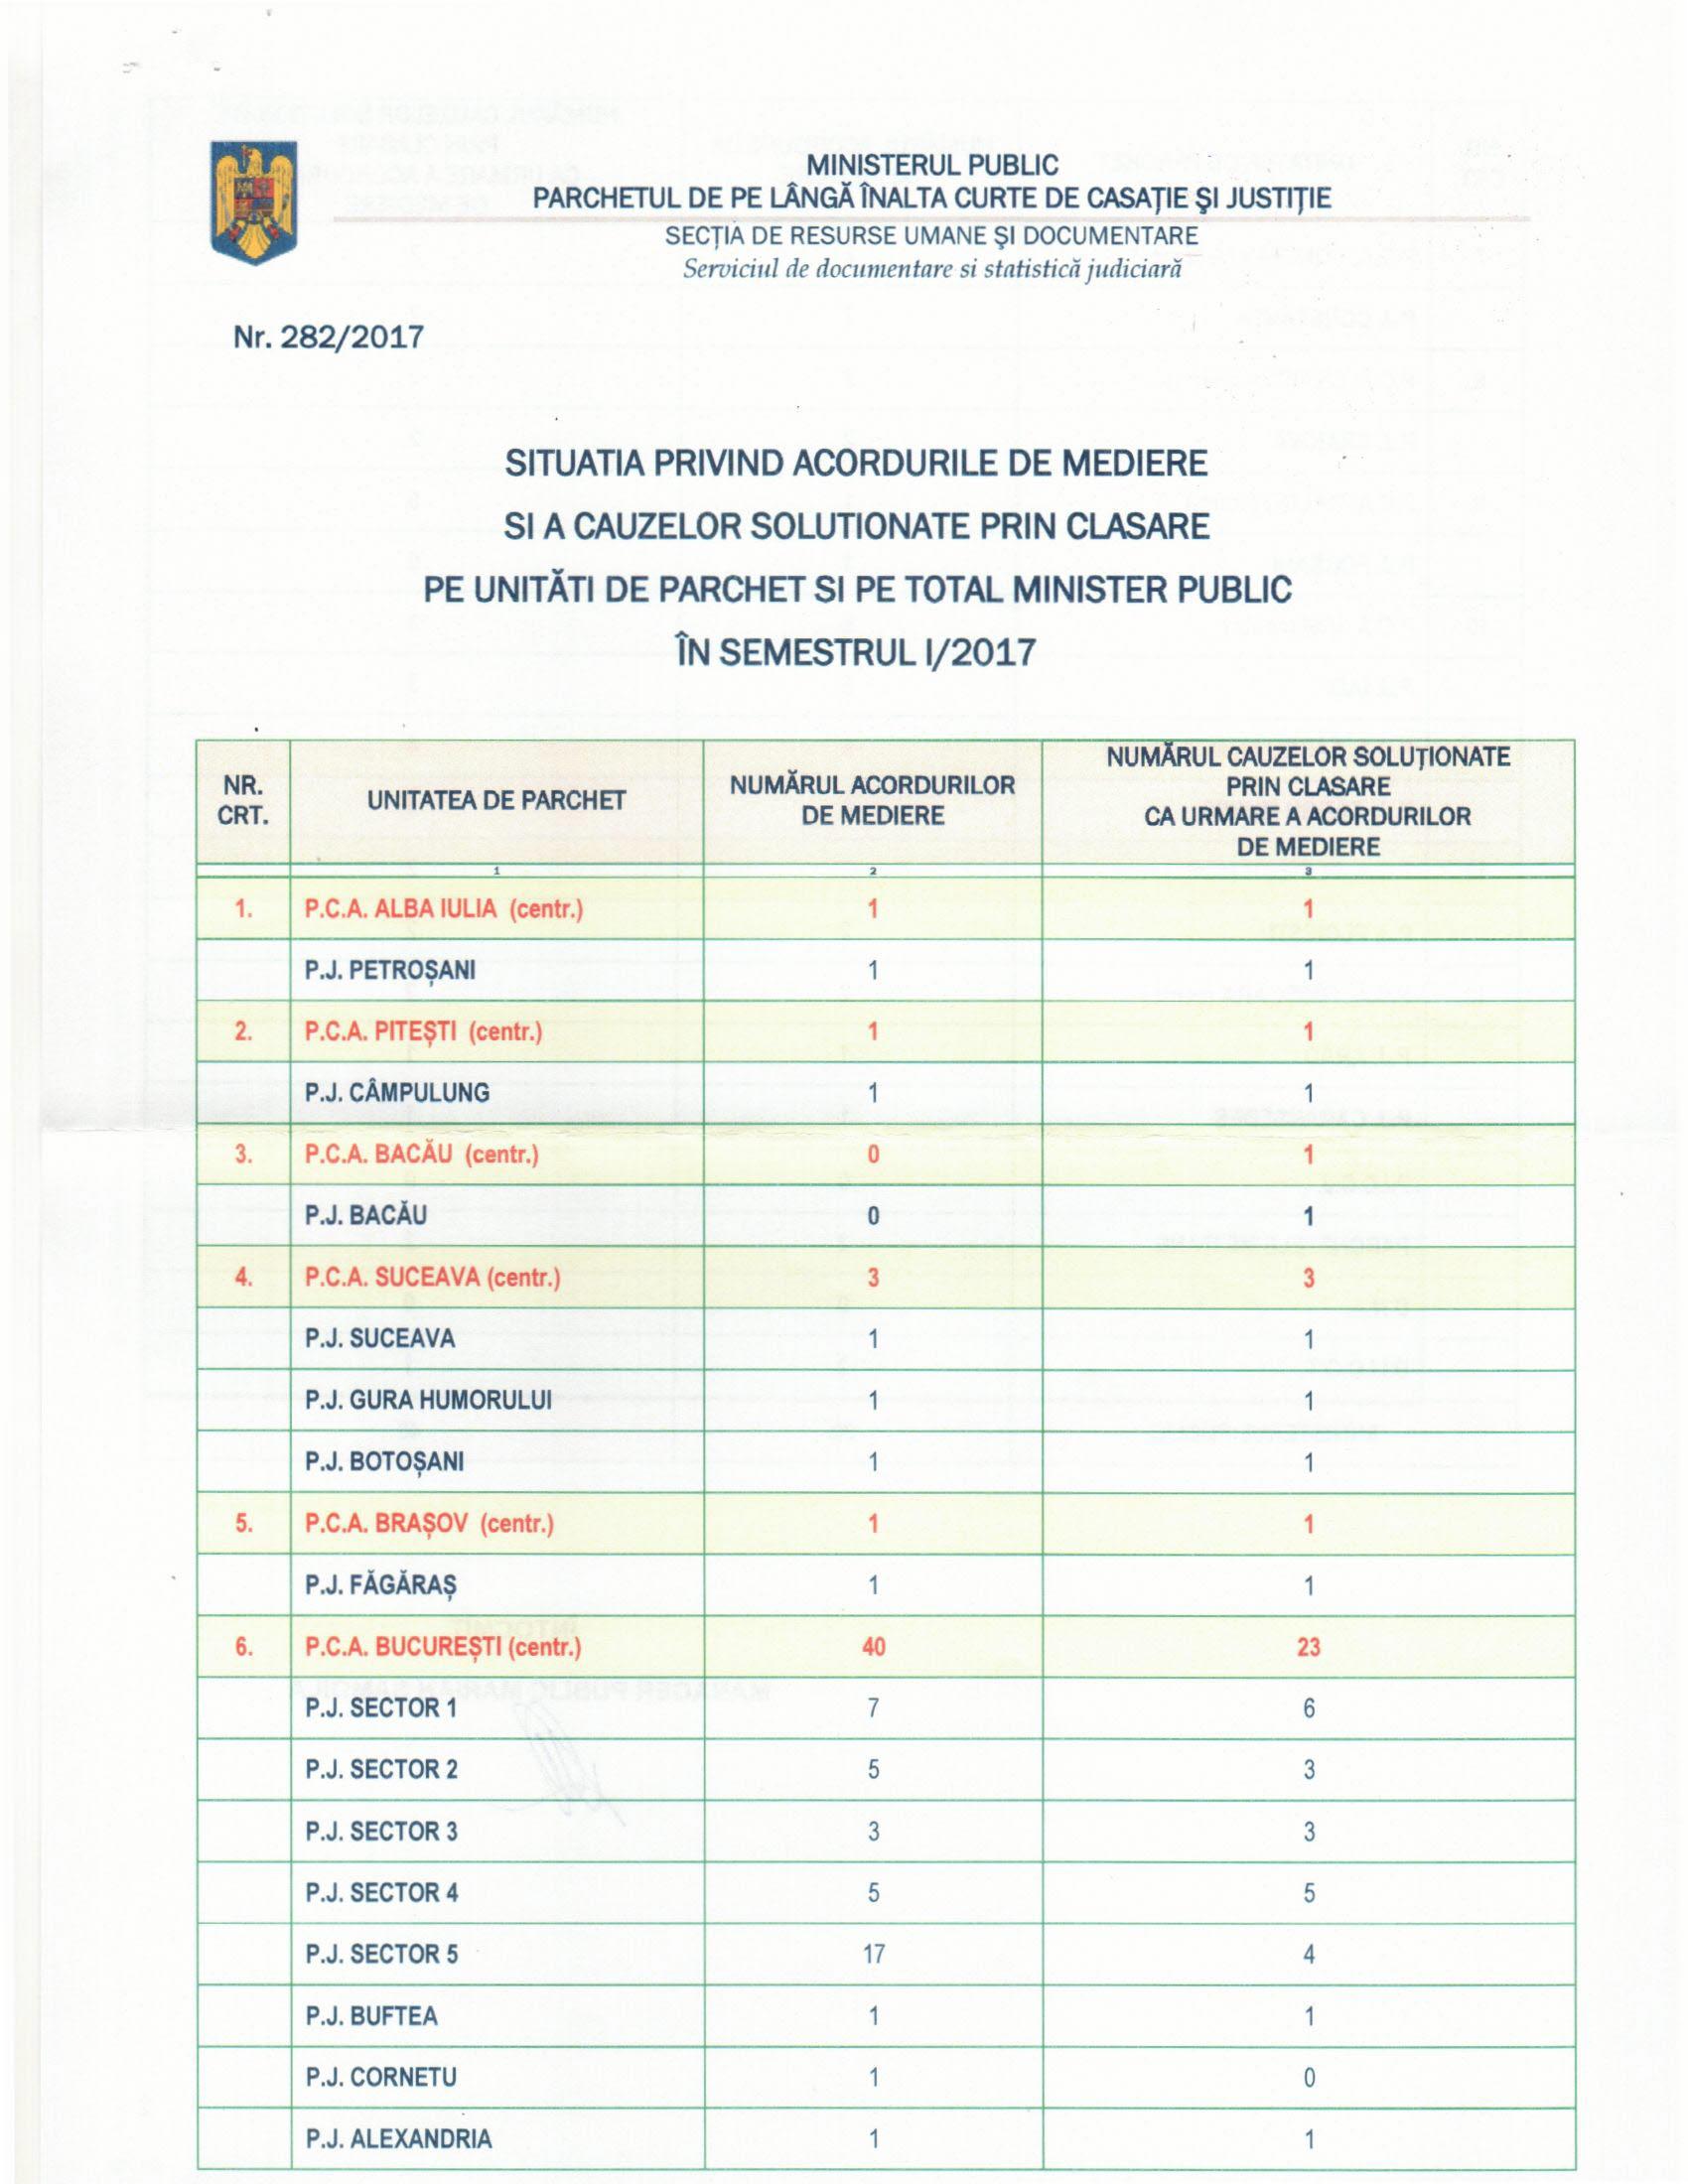 Ministerul Public a dat publicității statistica privind acordurile de mediere penală întocmite și depuse la Parchete în semestrul I al anului 2017